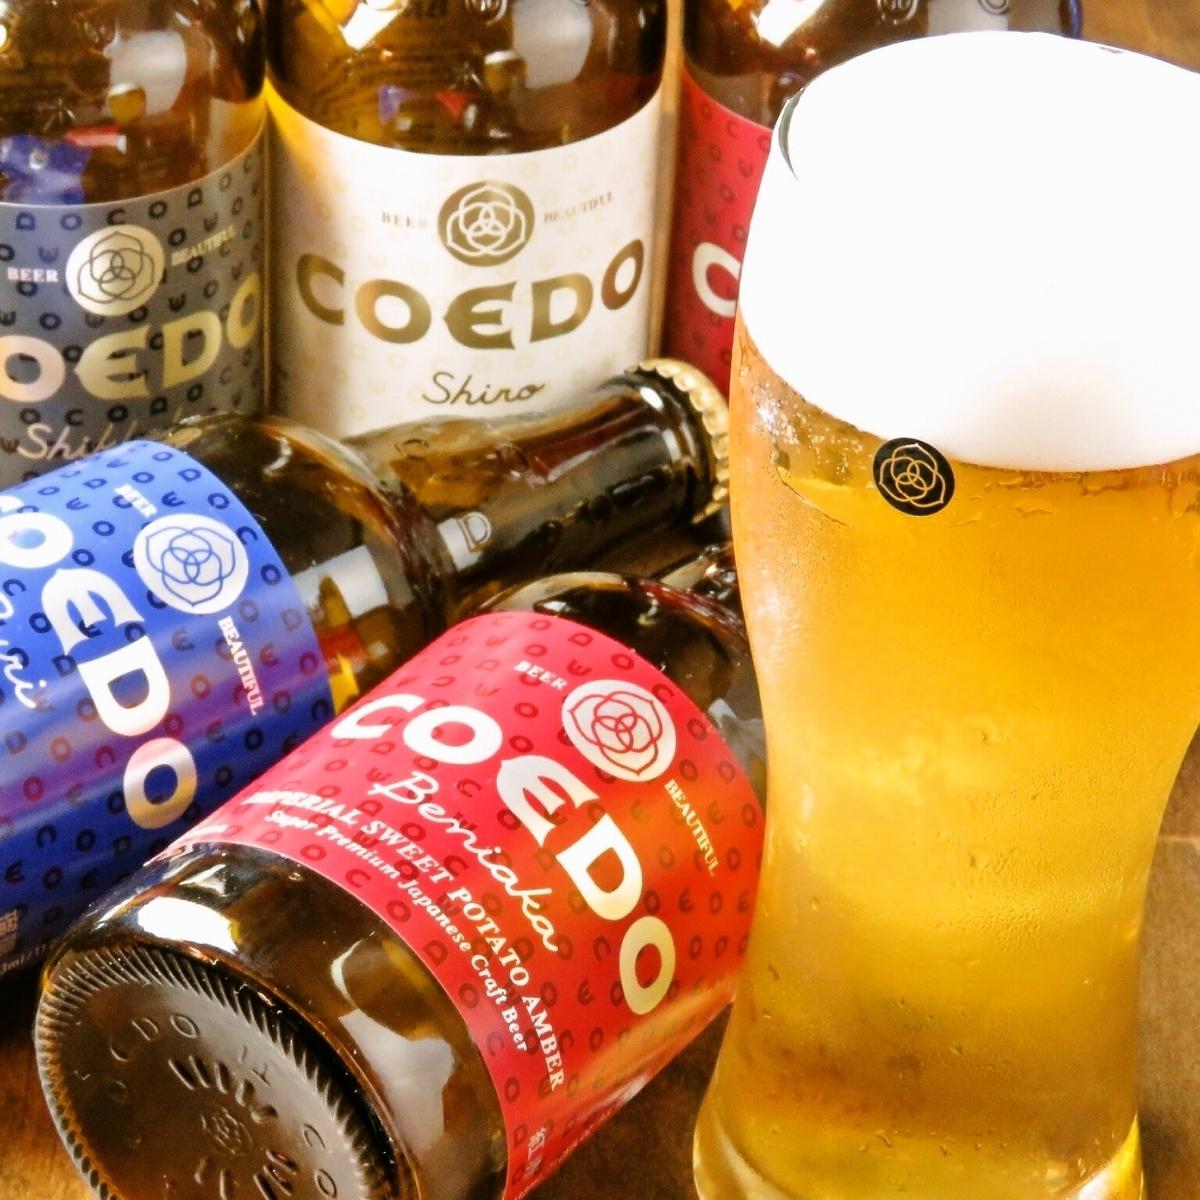 """只有这里是明石!啤酒世界杯银奖""""COEDO Ruri""""的生啤酒"""